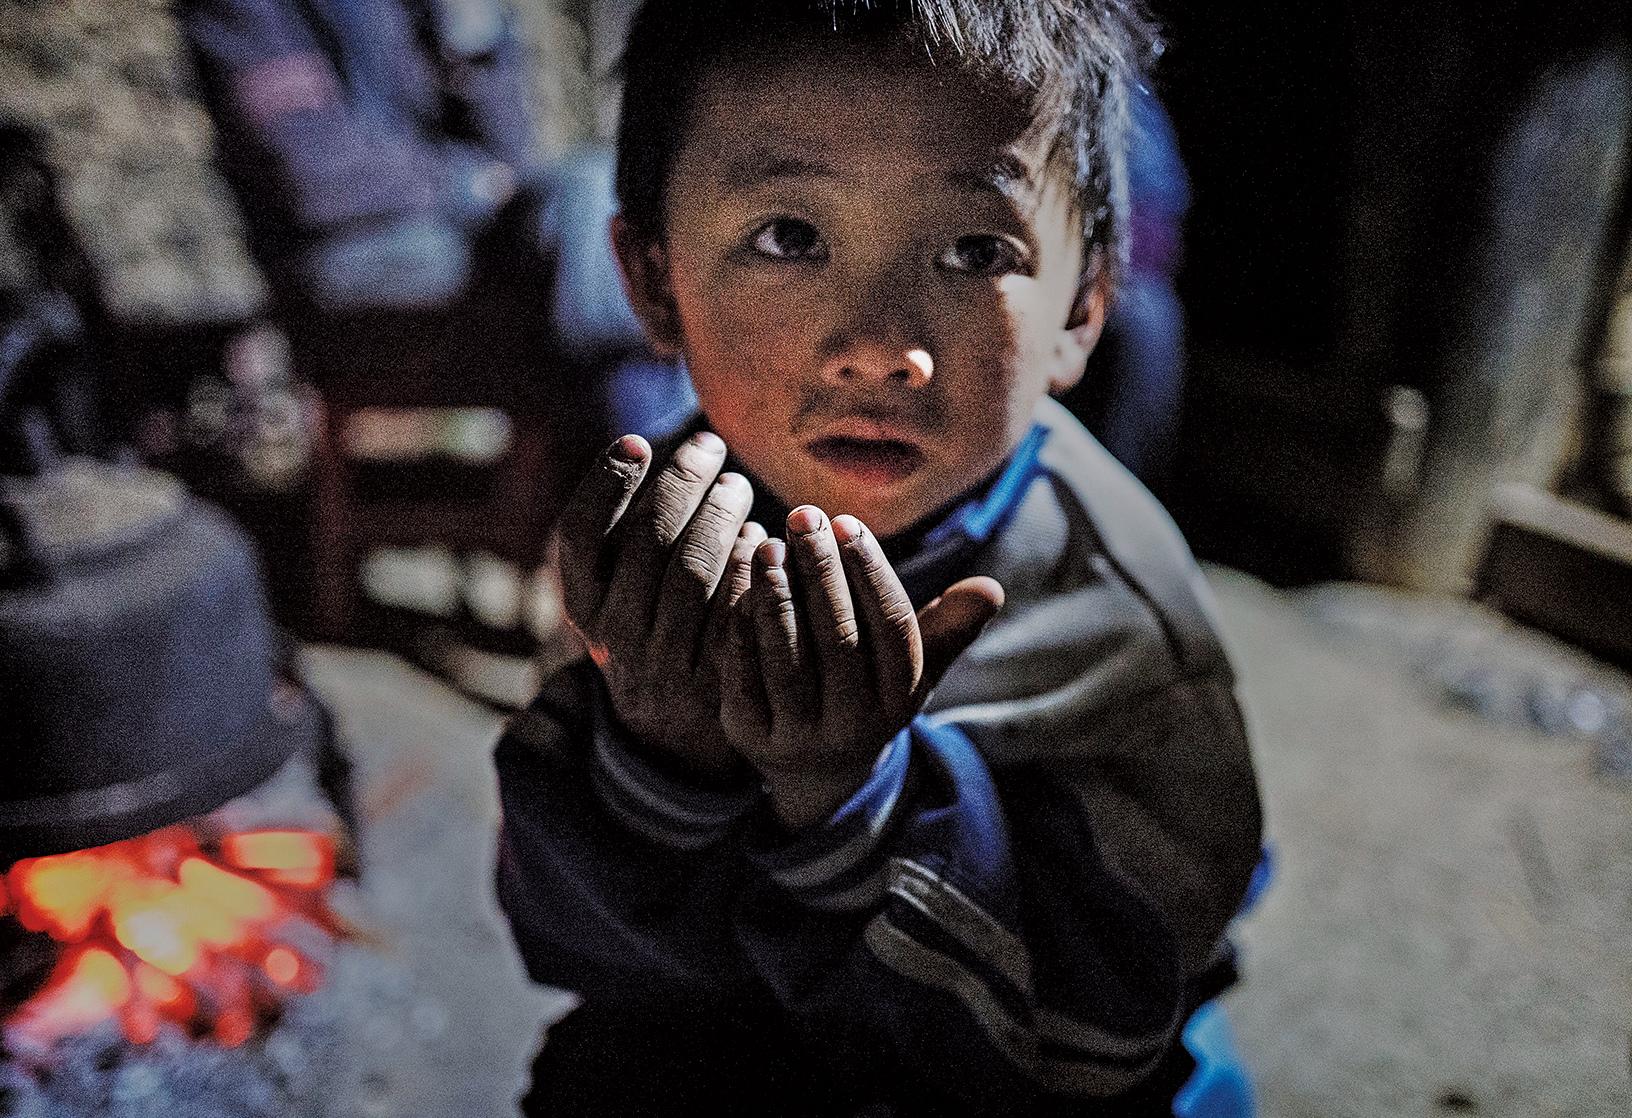 中共不斷搞政治運動,嚴重破壞國家建設和民生發展,加上官僚特權掠奪底層民眾致長期處於極度貧困狀態。(Getty Images)